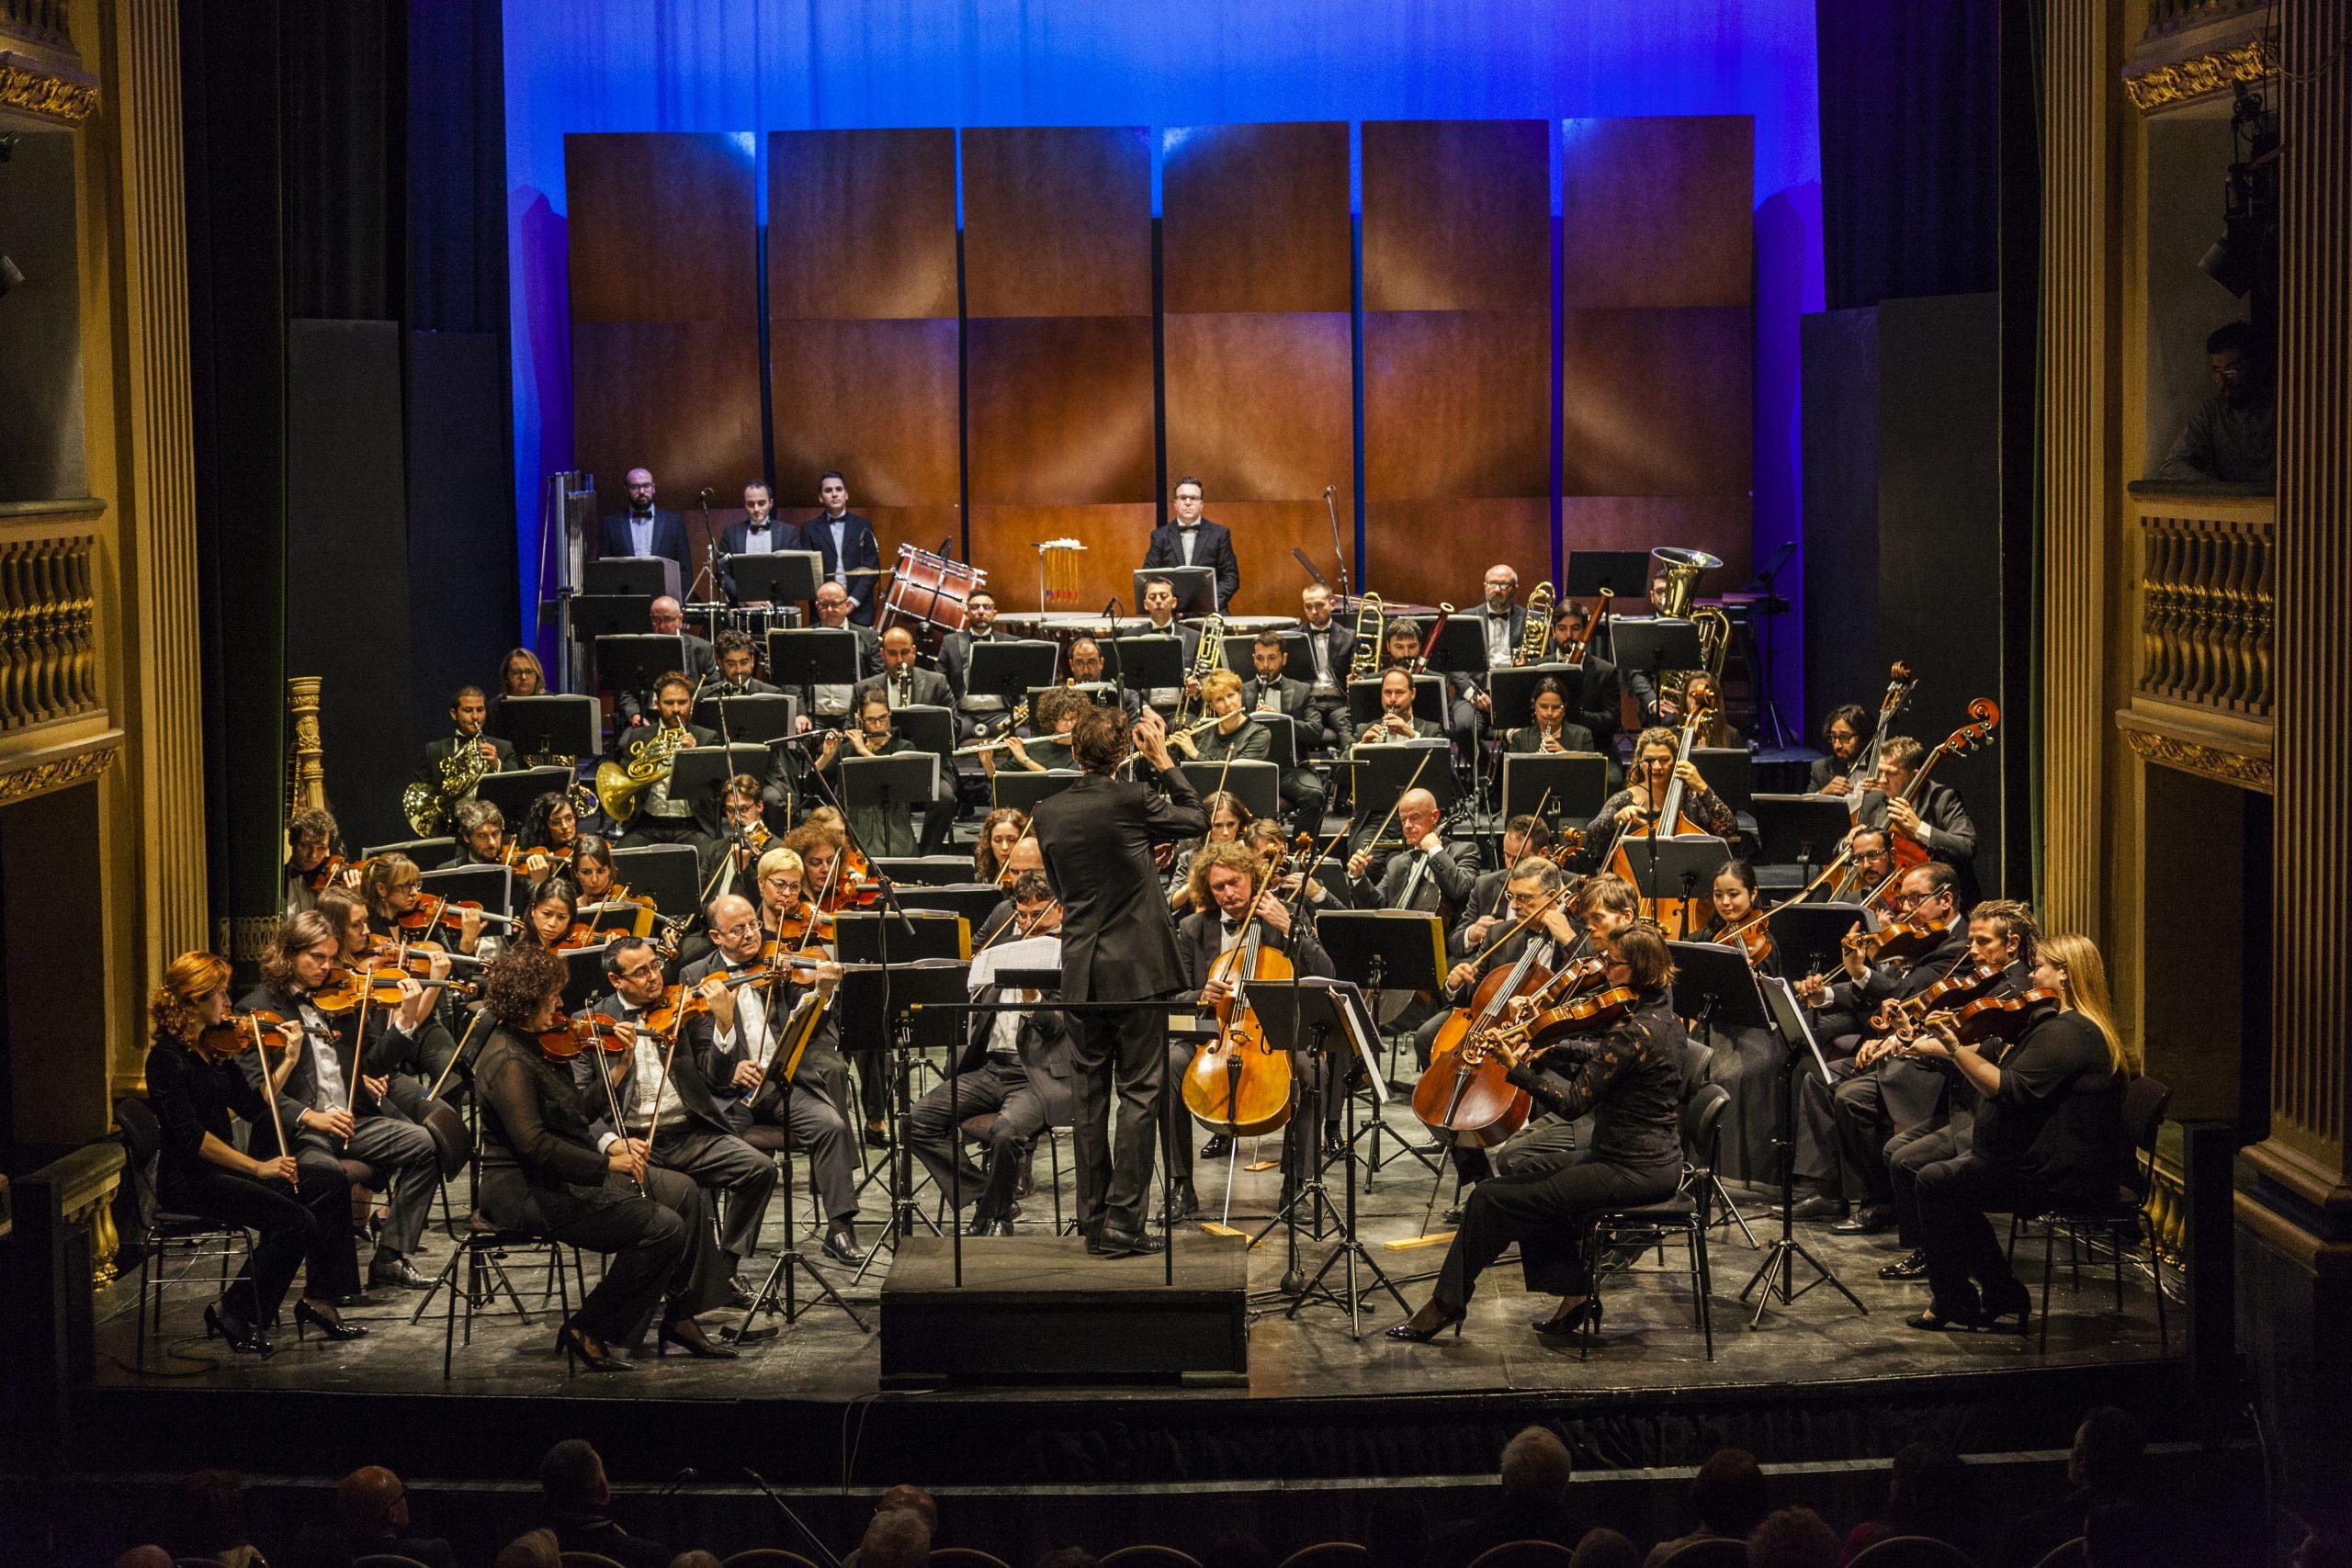 Concert at the Manoel Theatre in Malta